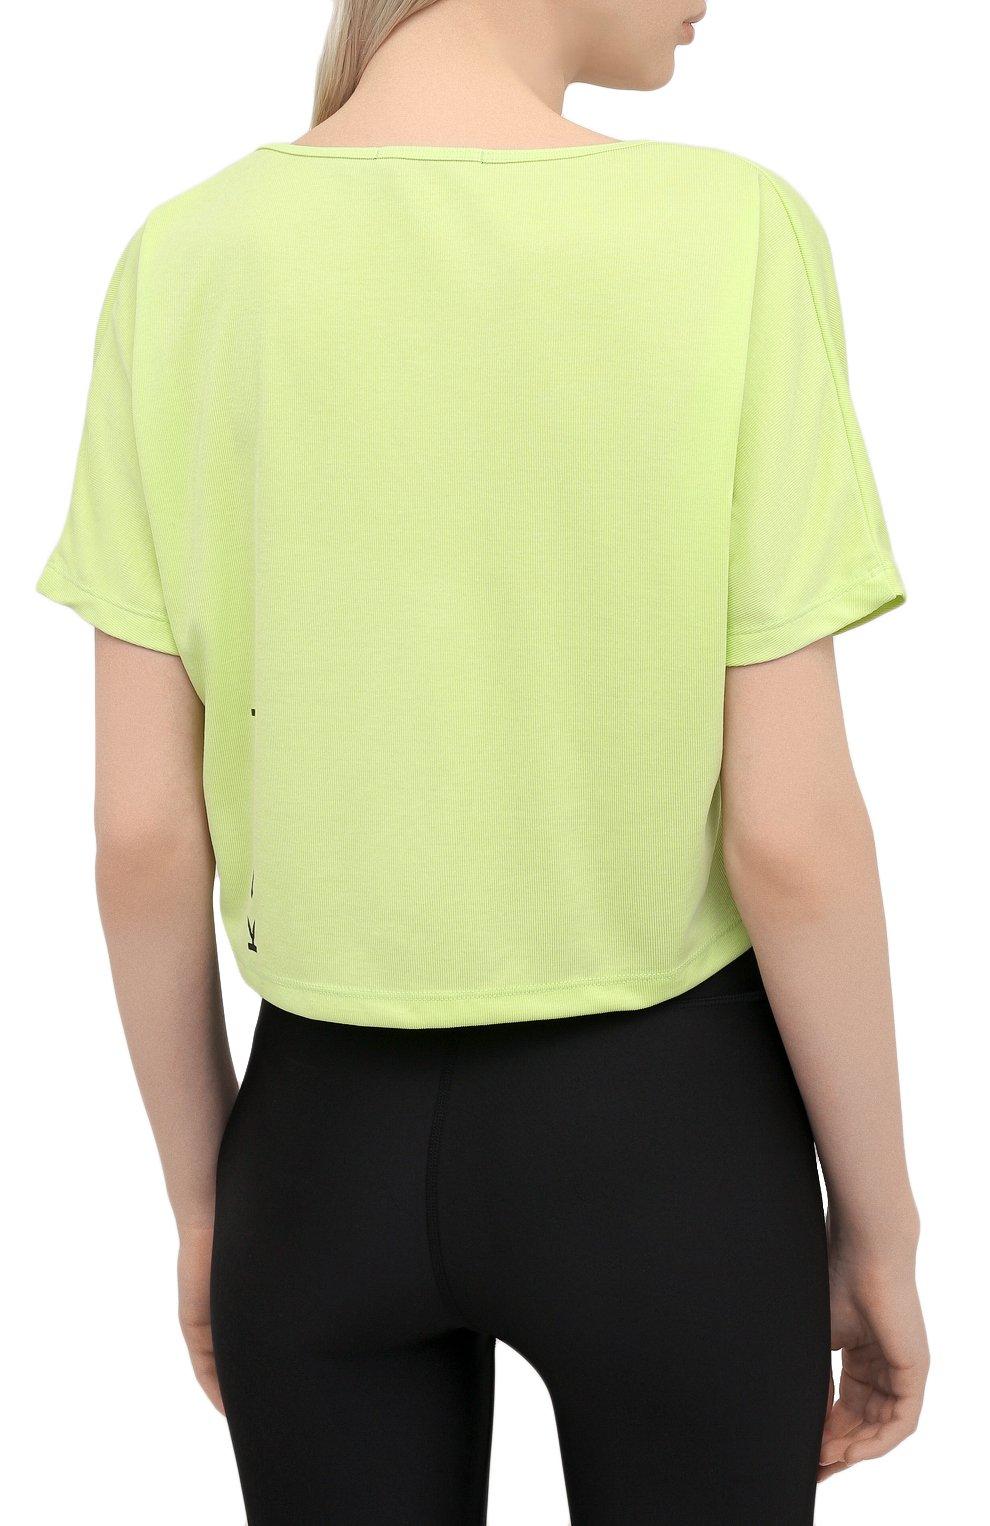 Женская футболка KORAL зеленого цвета, арт. A6427J85 | Фото 4 (Женское Кросс-КТ: Футболка-спорт, Футболка-одежда; Принт: Без принта; Рукава: Короткие; Материал внешний: Синтетический материал; Стили: Спорт-шик; Длина (для топов): Укороченные)